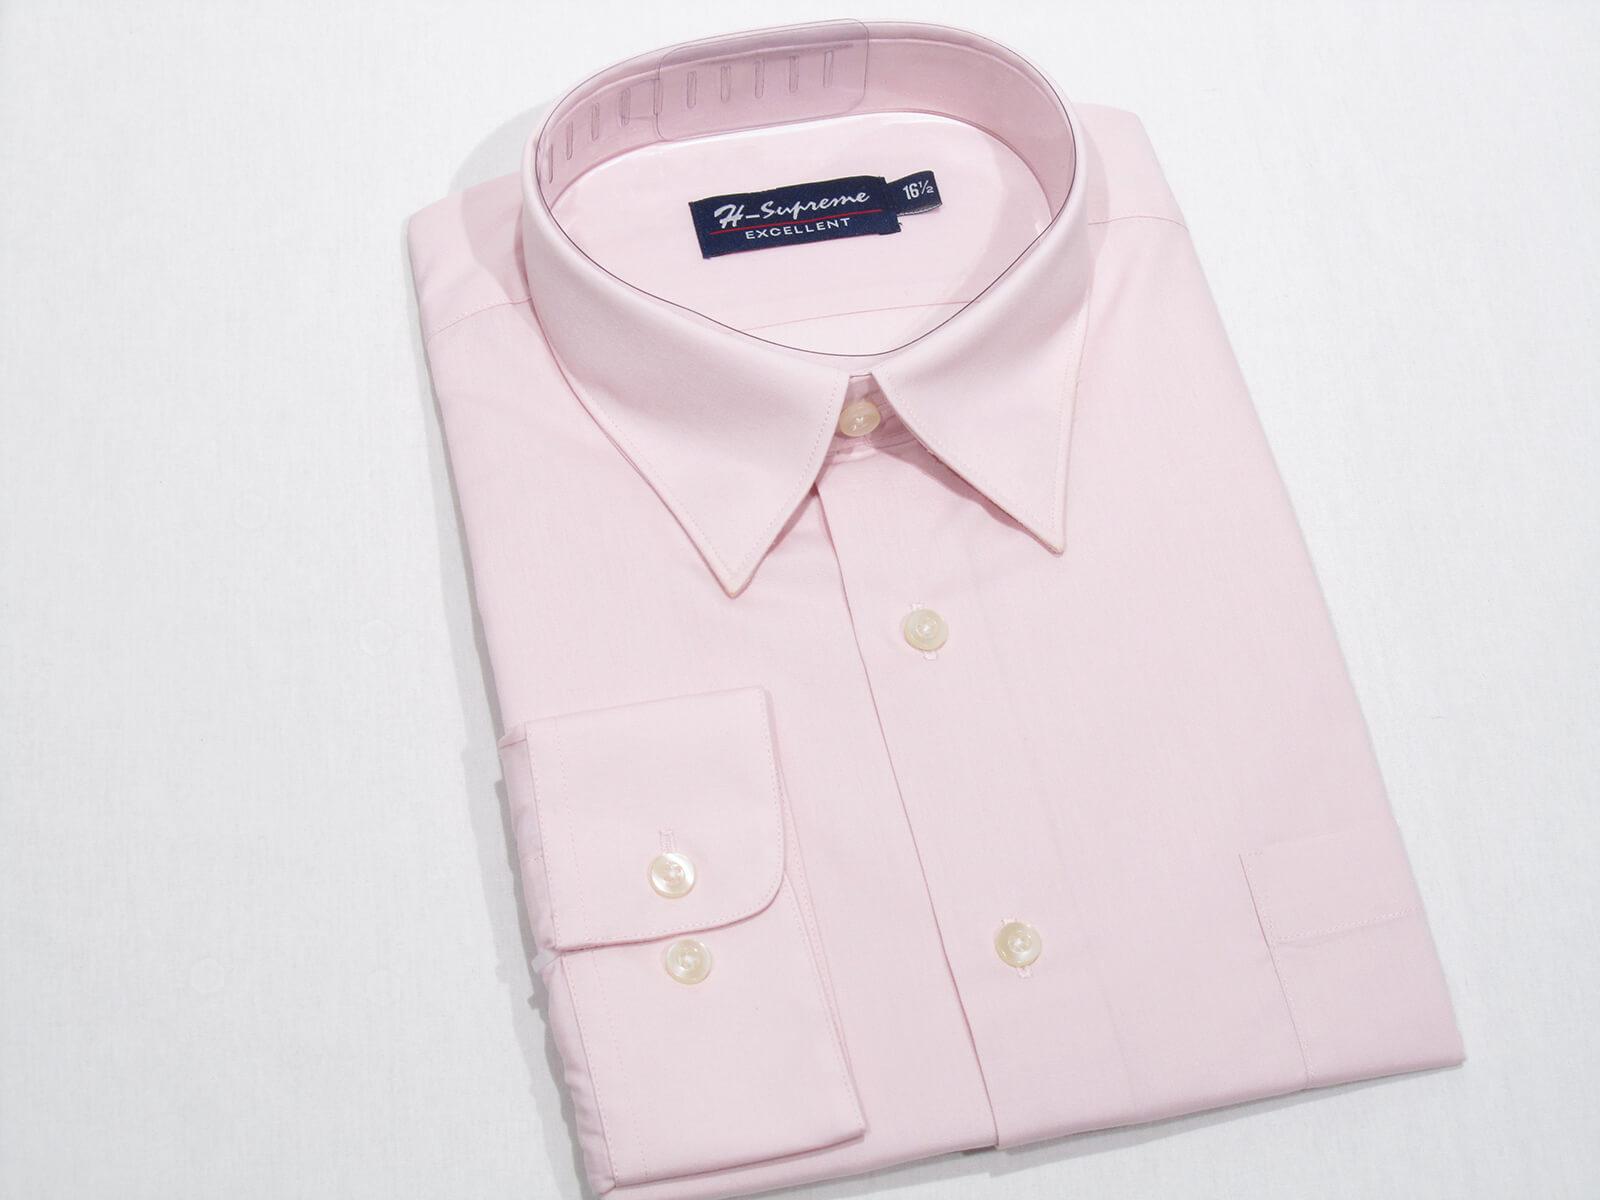 標準襯衫 正式襯衫 面試襯衫 上班族襯衫 商務襯衫 短袖襯衫 長袖襯衫 素面襯衫不皺免燙襯衫(領圍14.5~19.5英吋) [實體店面保障] sun-e322 4